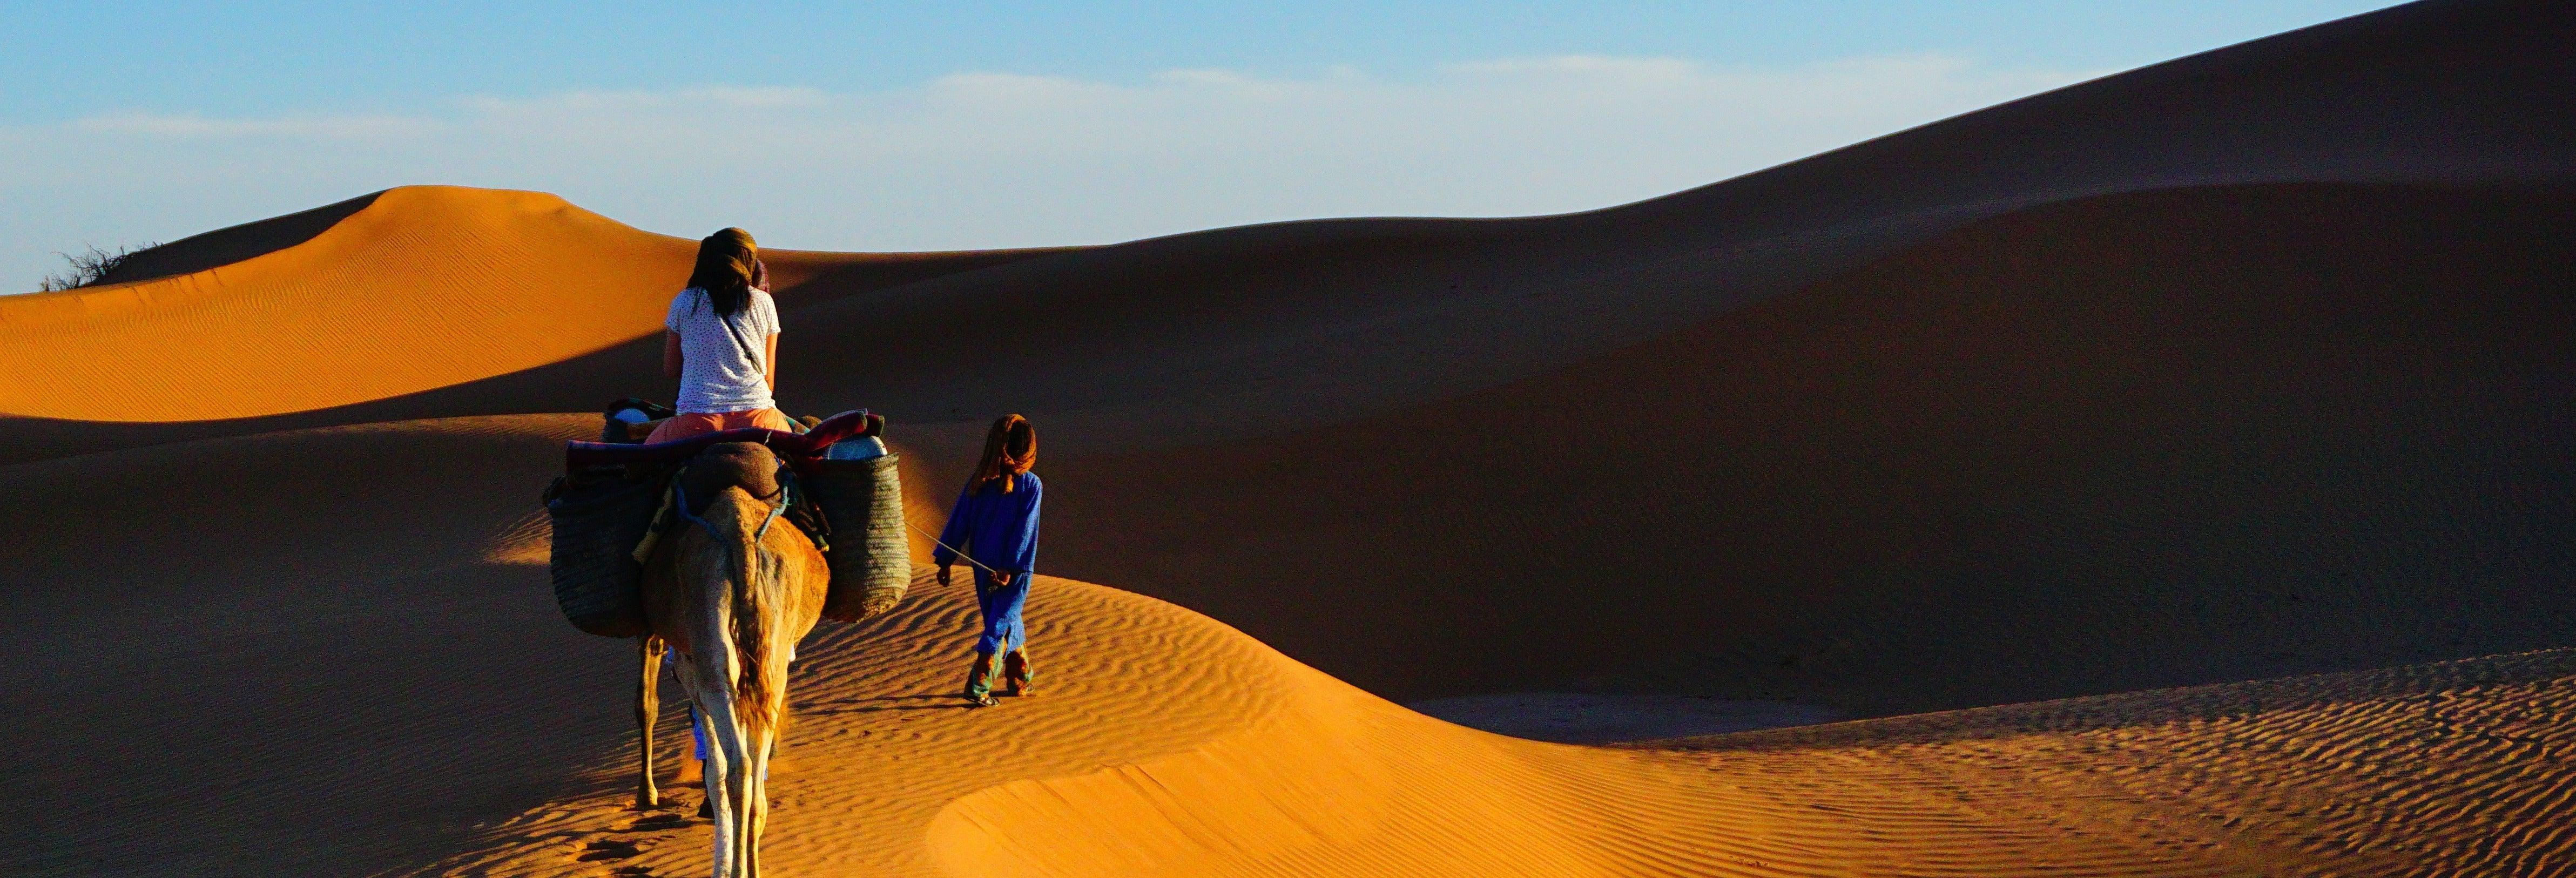 Balade à dos de chameau et nuit dans le désert